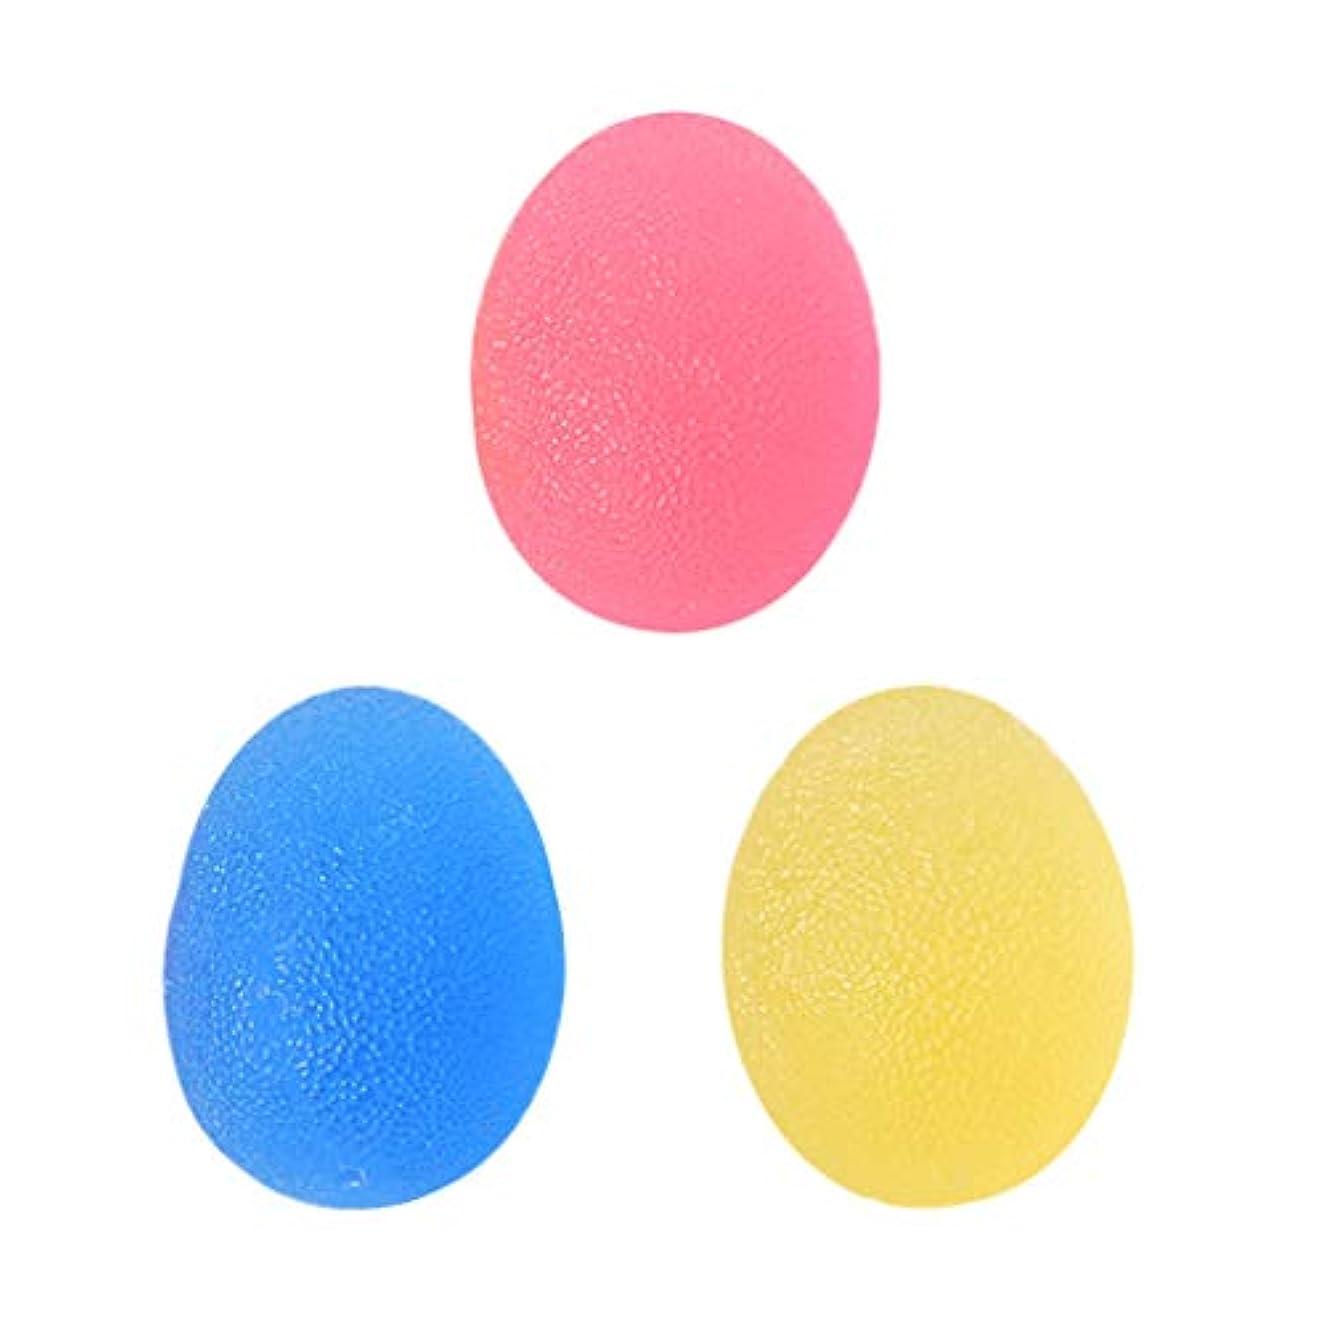 教養があるファンタジー法律により3個 ハンドエクササイザ スクイズボール ツボ押し 強度ボール TPE製